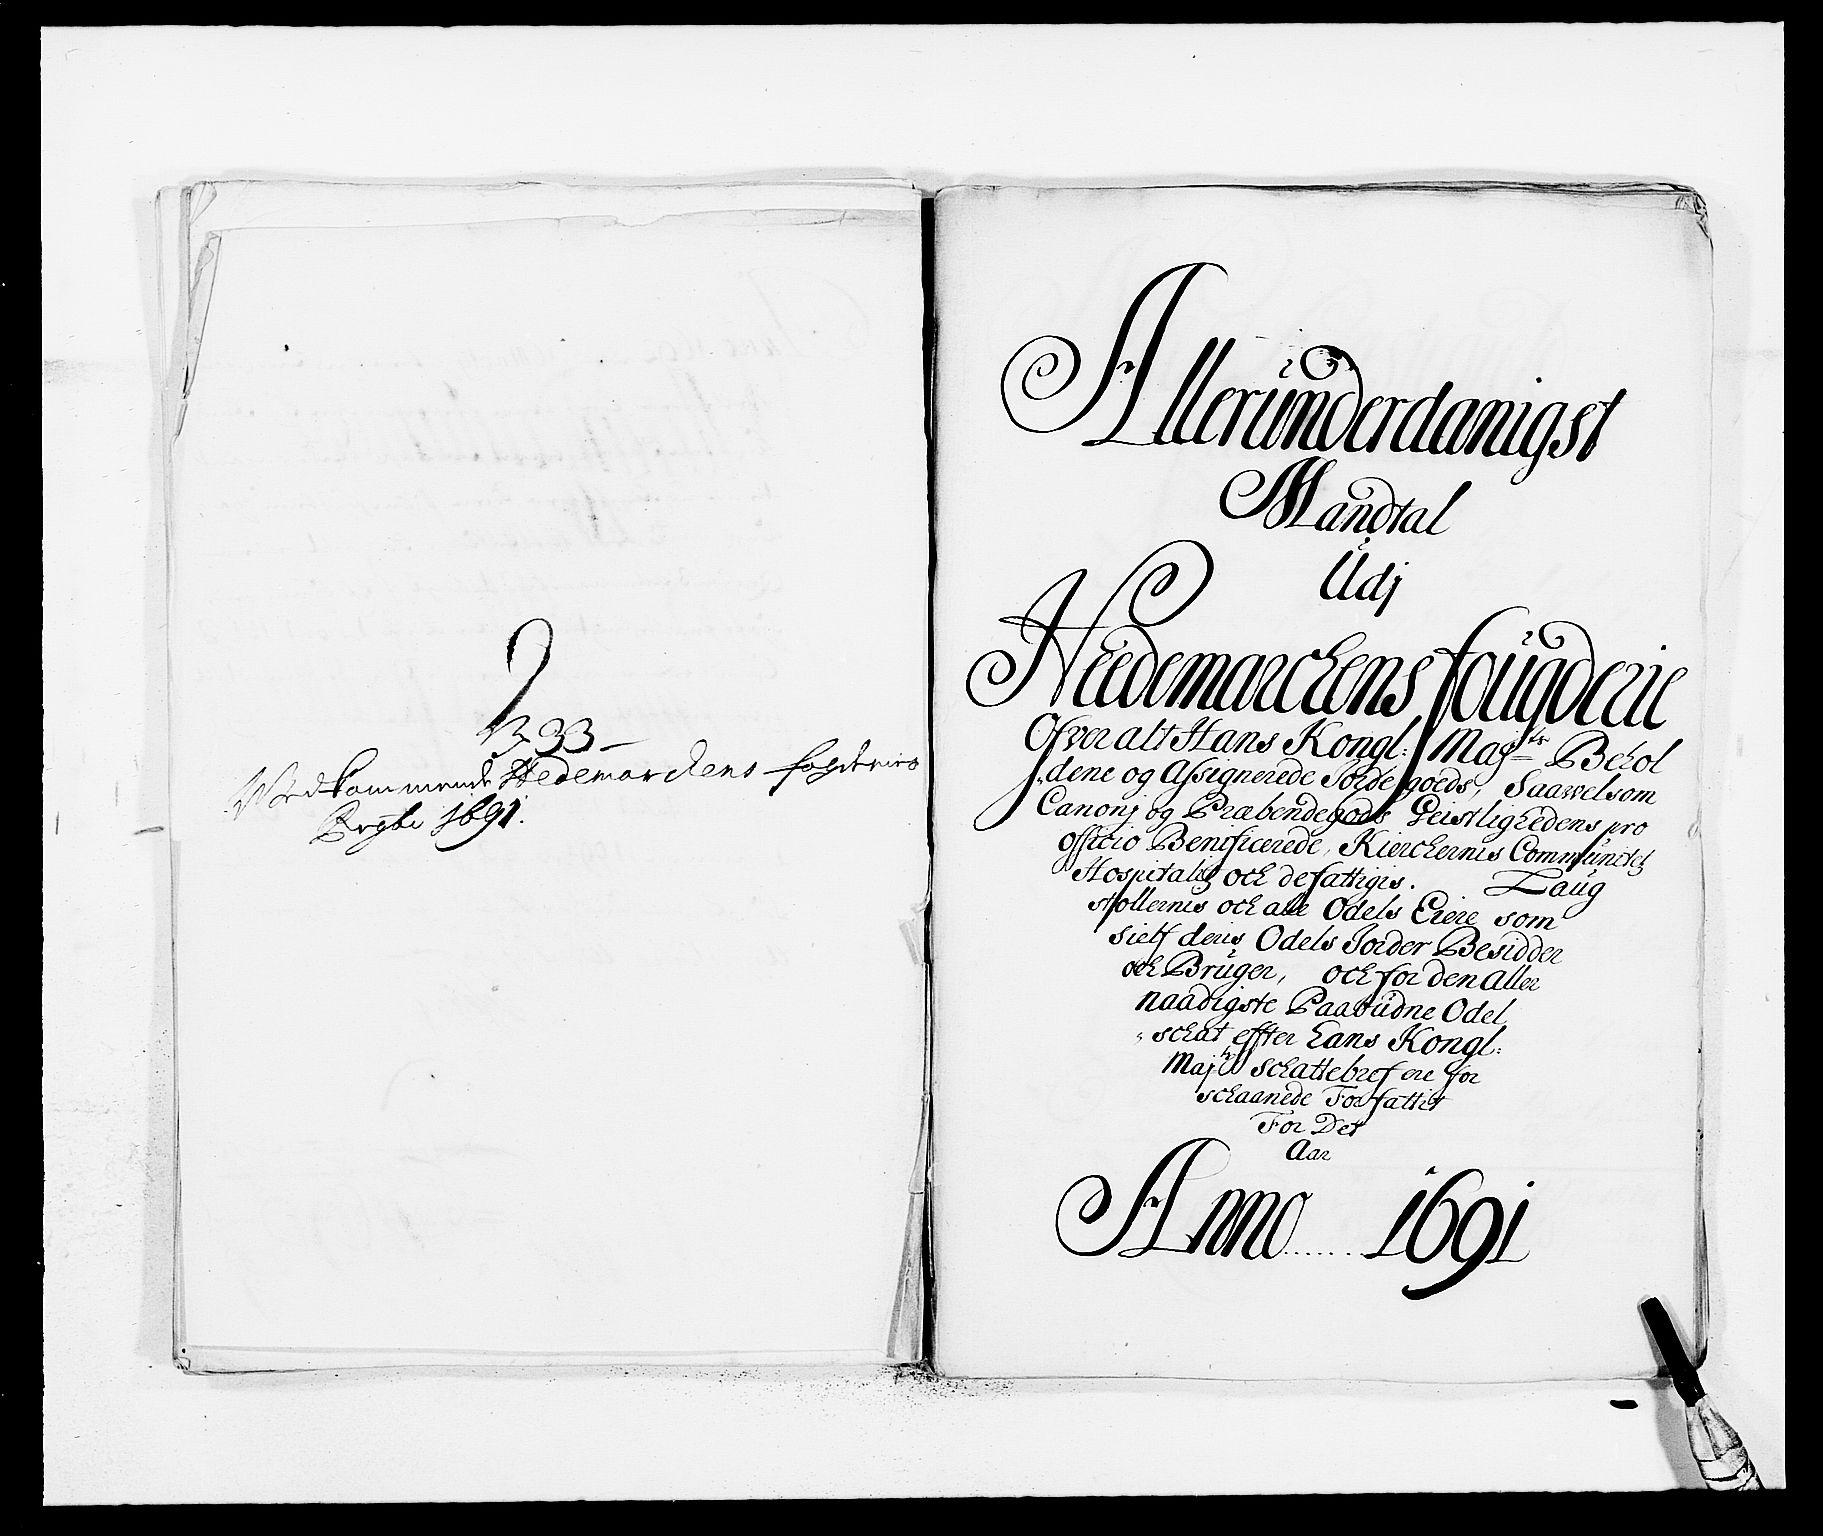 RA, Rentekammeret inntil 1814, Reviderte regnskaper, Fogderegnskap, R16/L1032: Fogderegnskap Hedmark, 1689-1692, s. 26